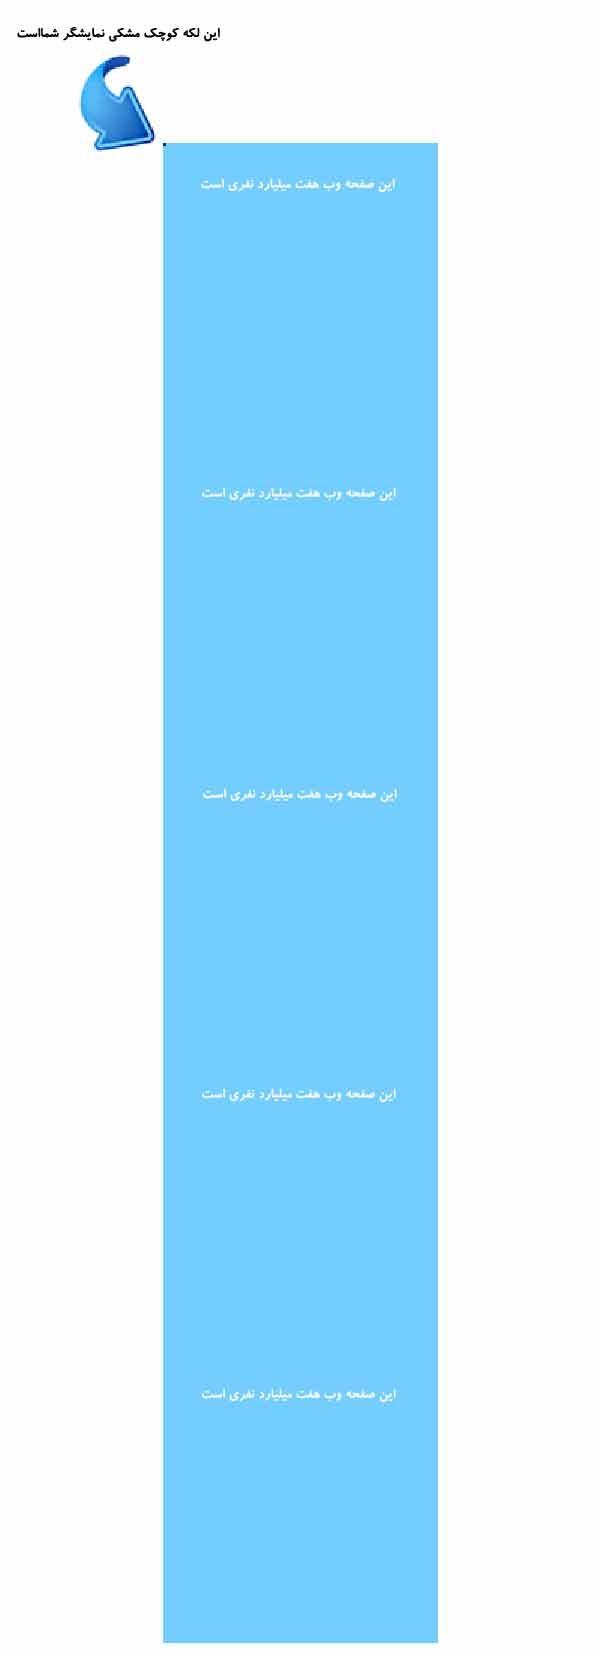 صفحه وب